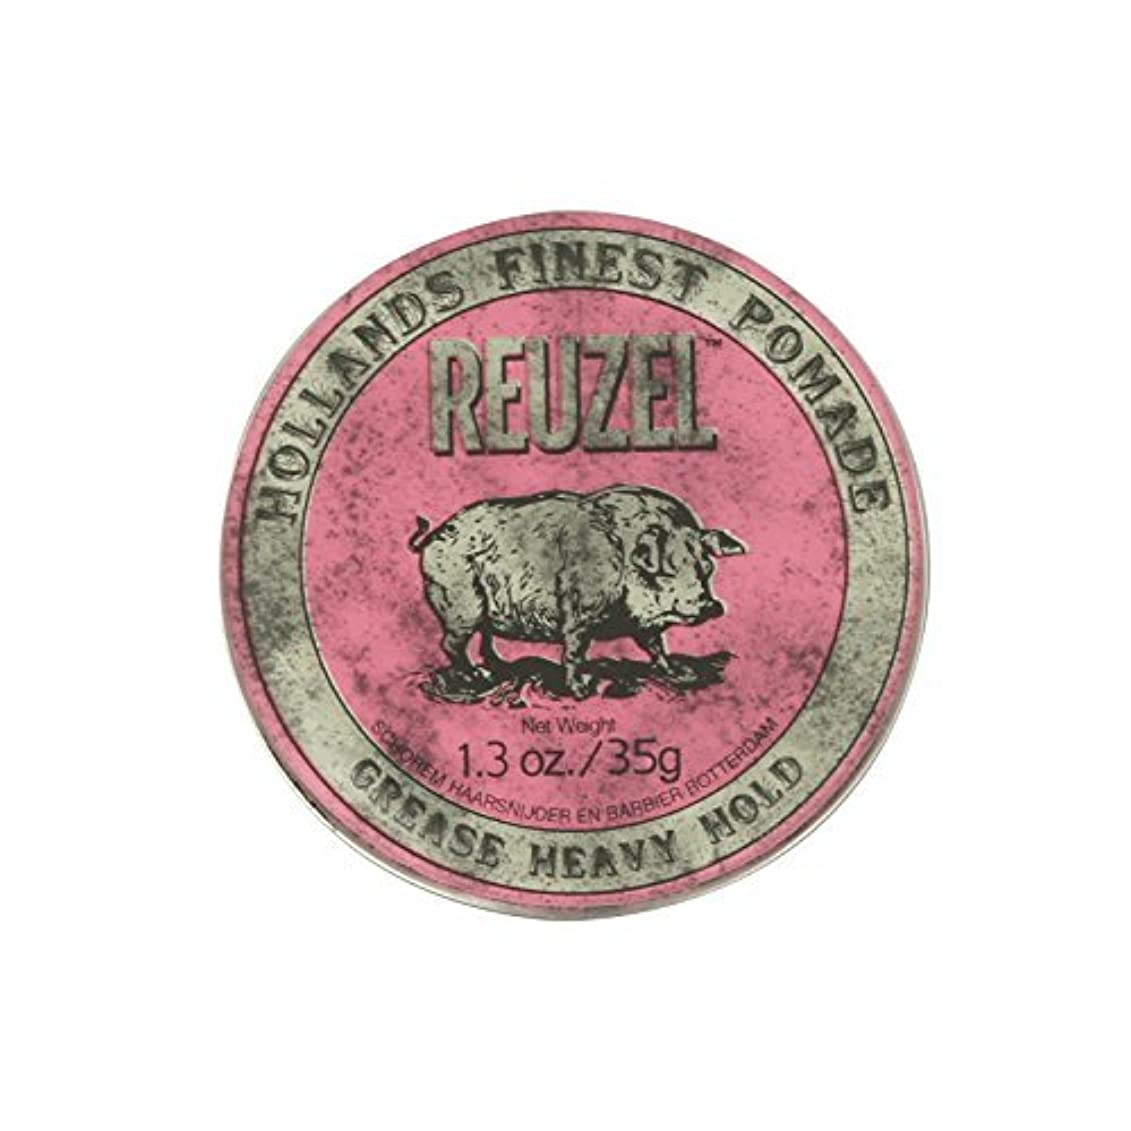 コークス代わりにビザReuzel Pink Grease Heavy Hold Pomade Piglet 1.3oz by REUZEL [並行輸入品]